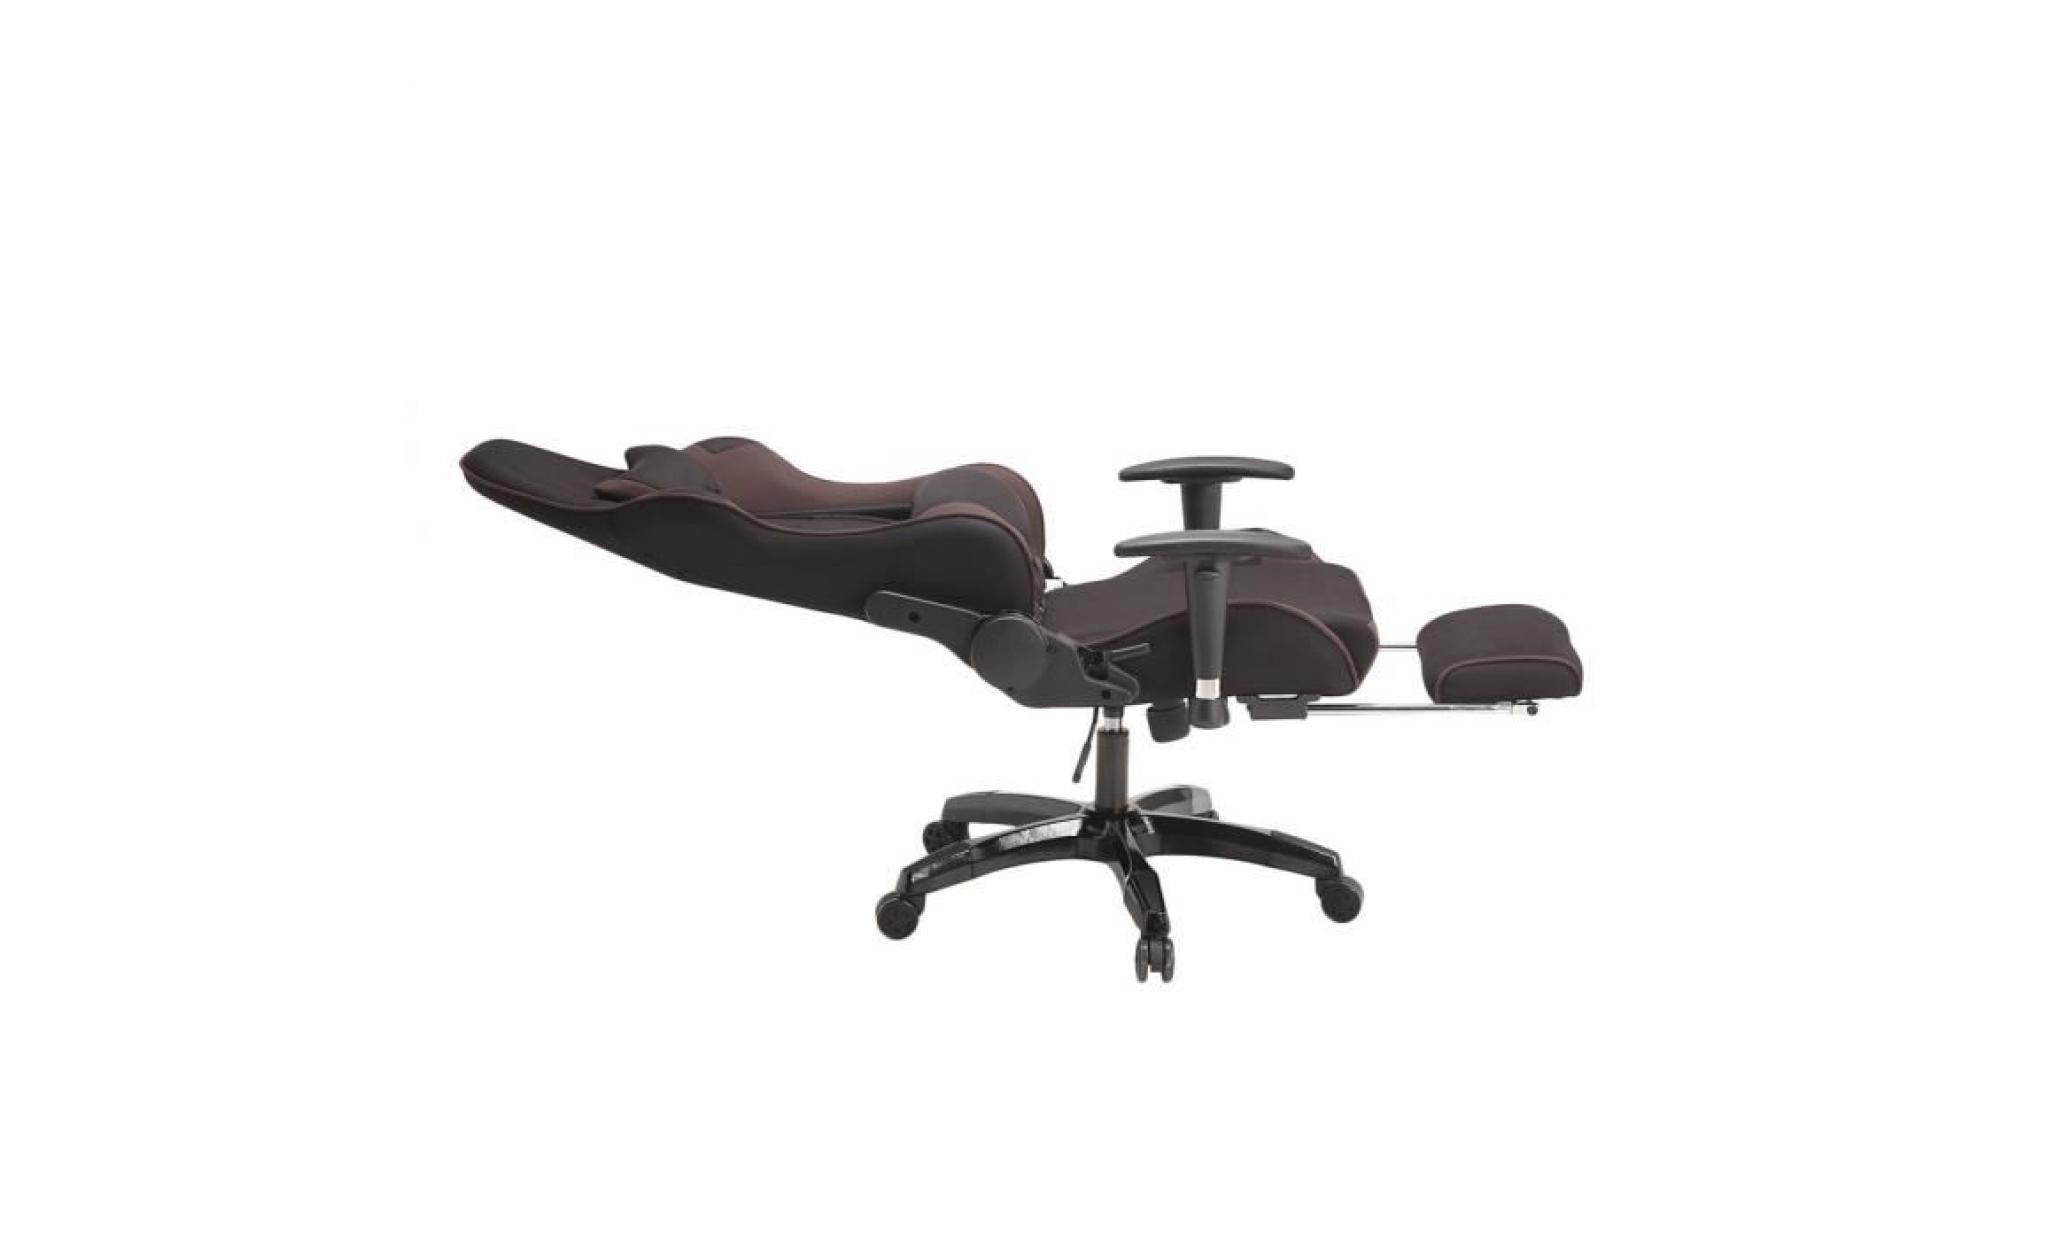 chaise de bureau fauteuil de bureau racing sport noir pourpre rembourrage pais hauteur. Black Bedroom Furniture Sets. Home Design Ideas